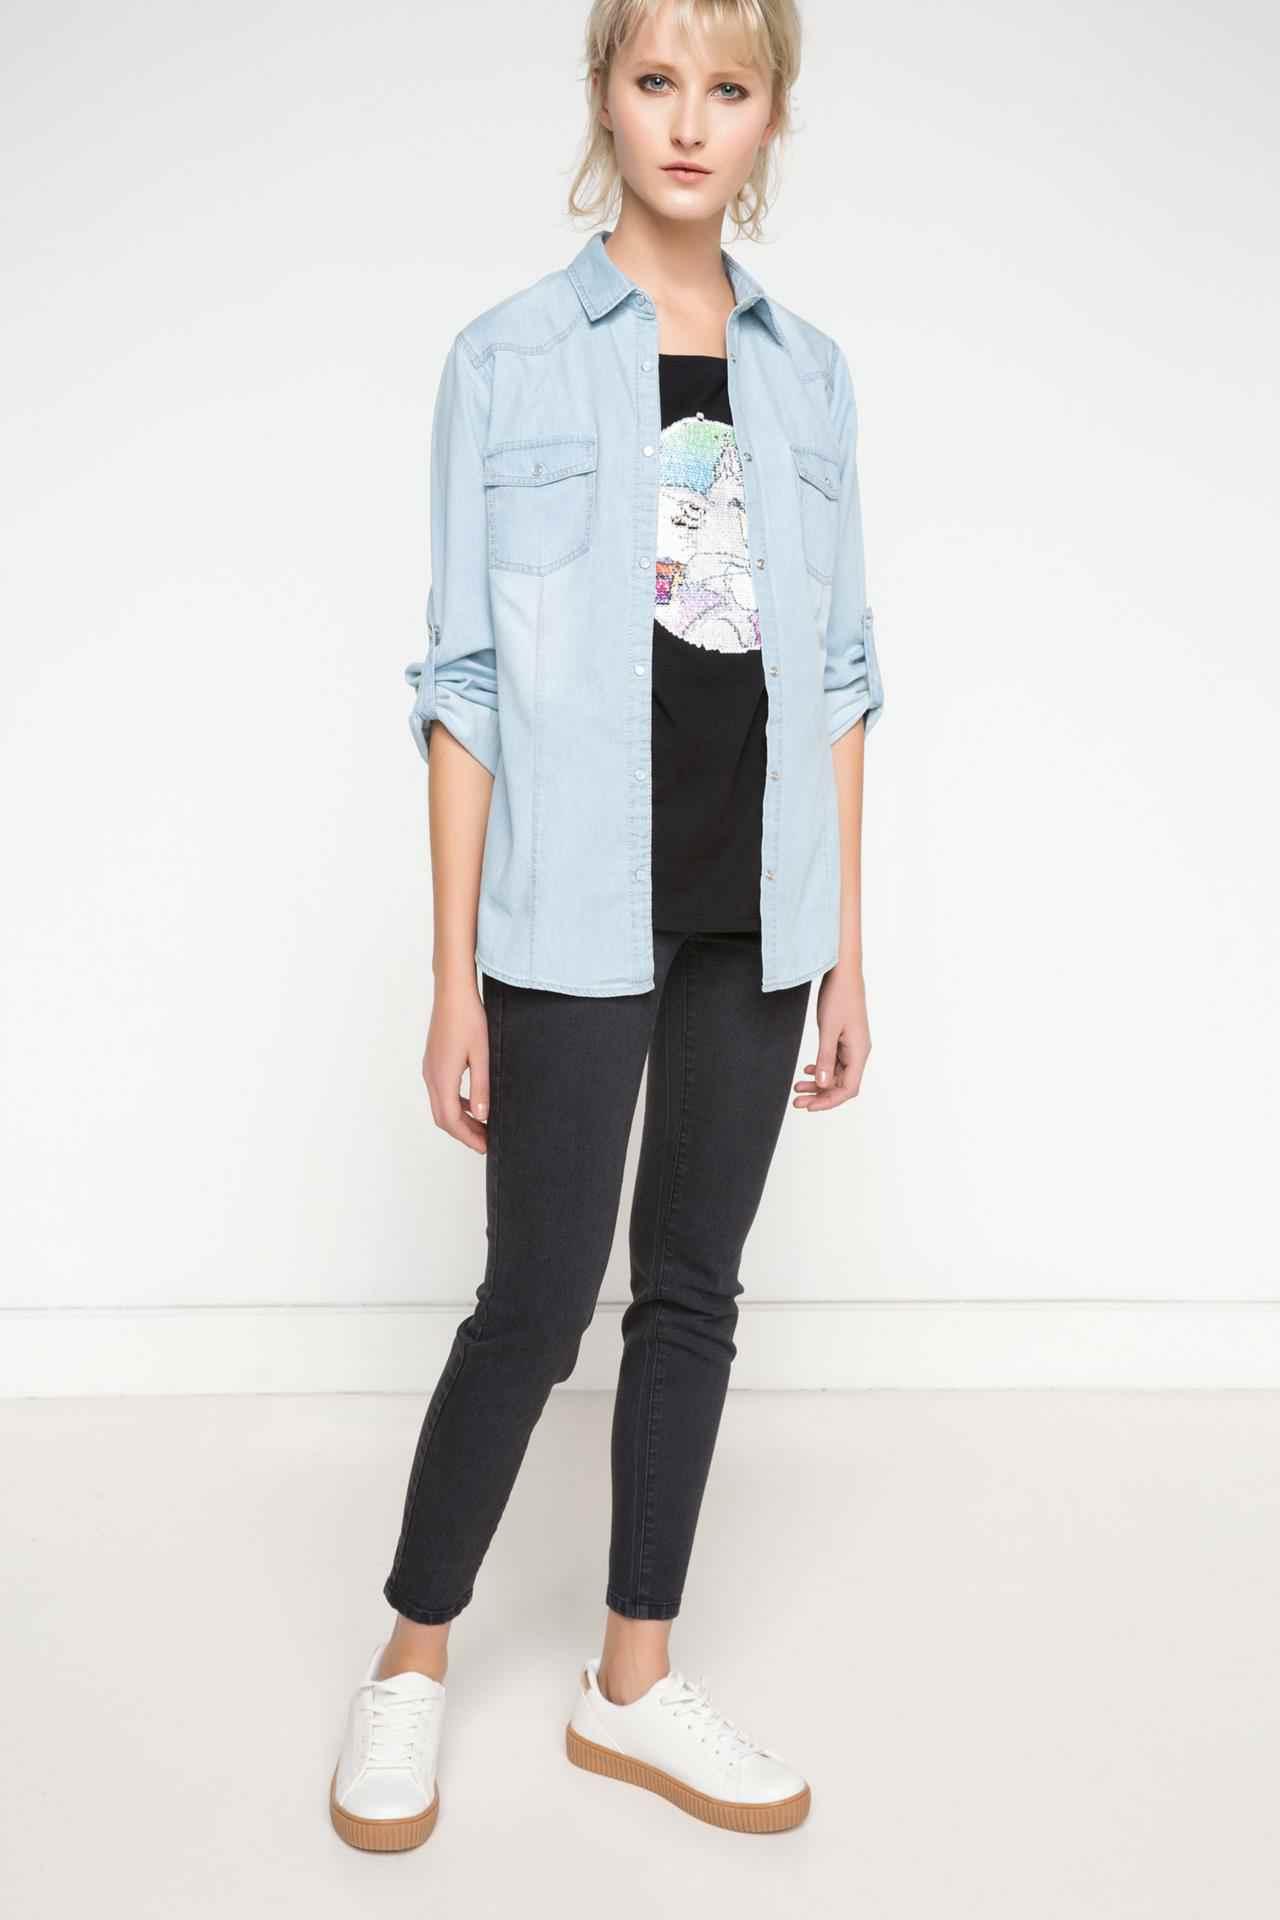 2017 Bahar Modası Denim Gömlek Kombinleri